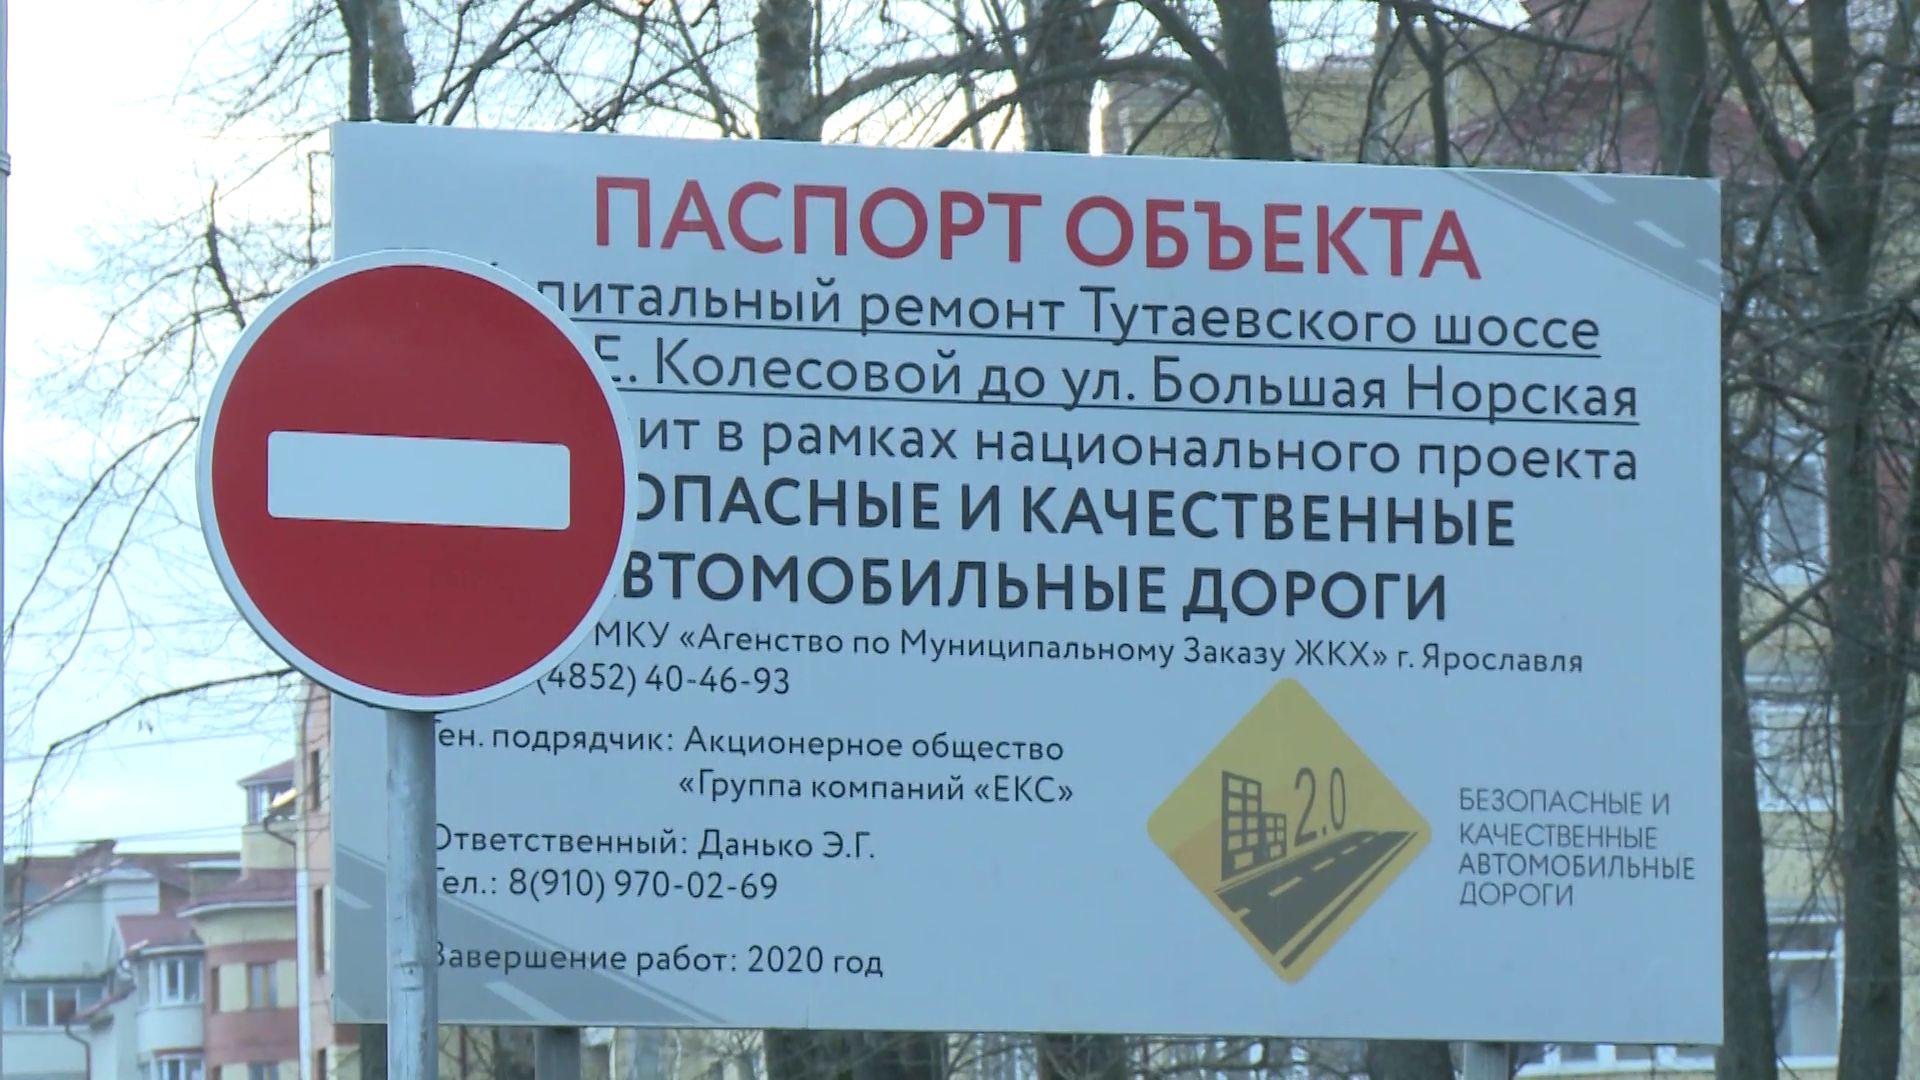 Час икс настал: участок Тутаевского шоссе перекрыли. Как брагинцы добирались до работы?